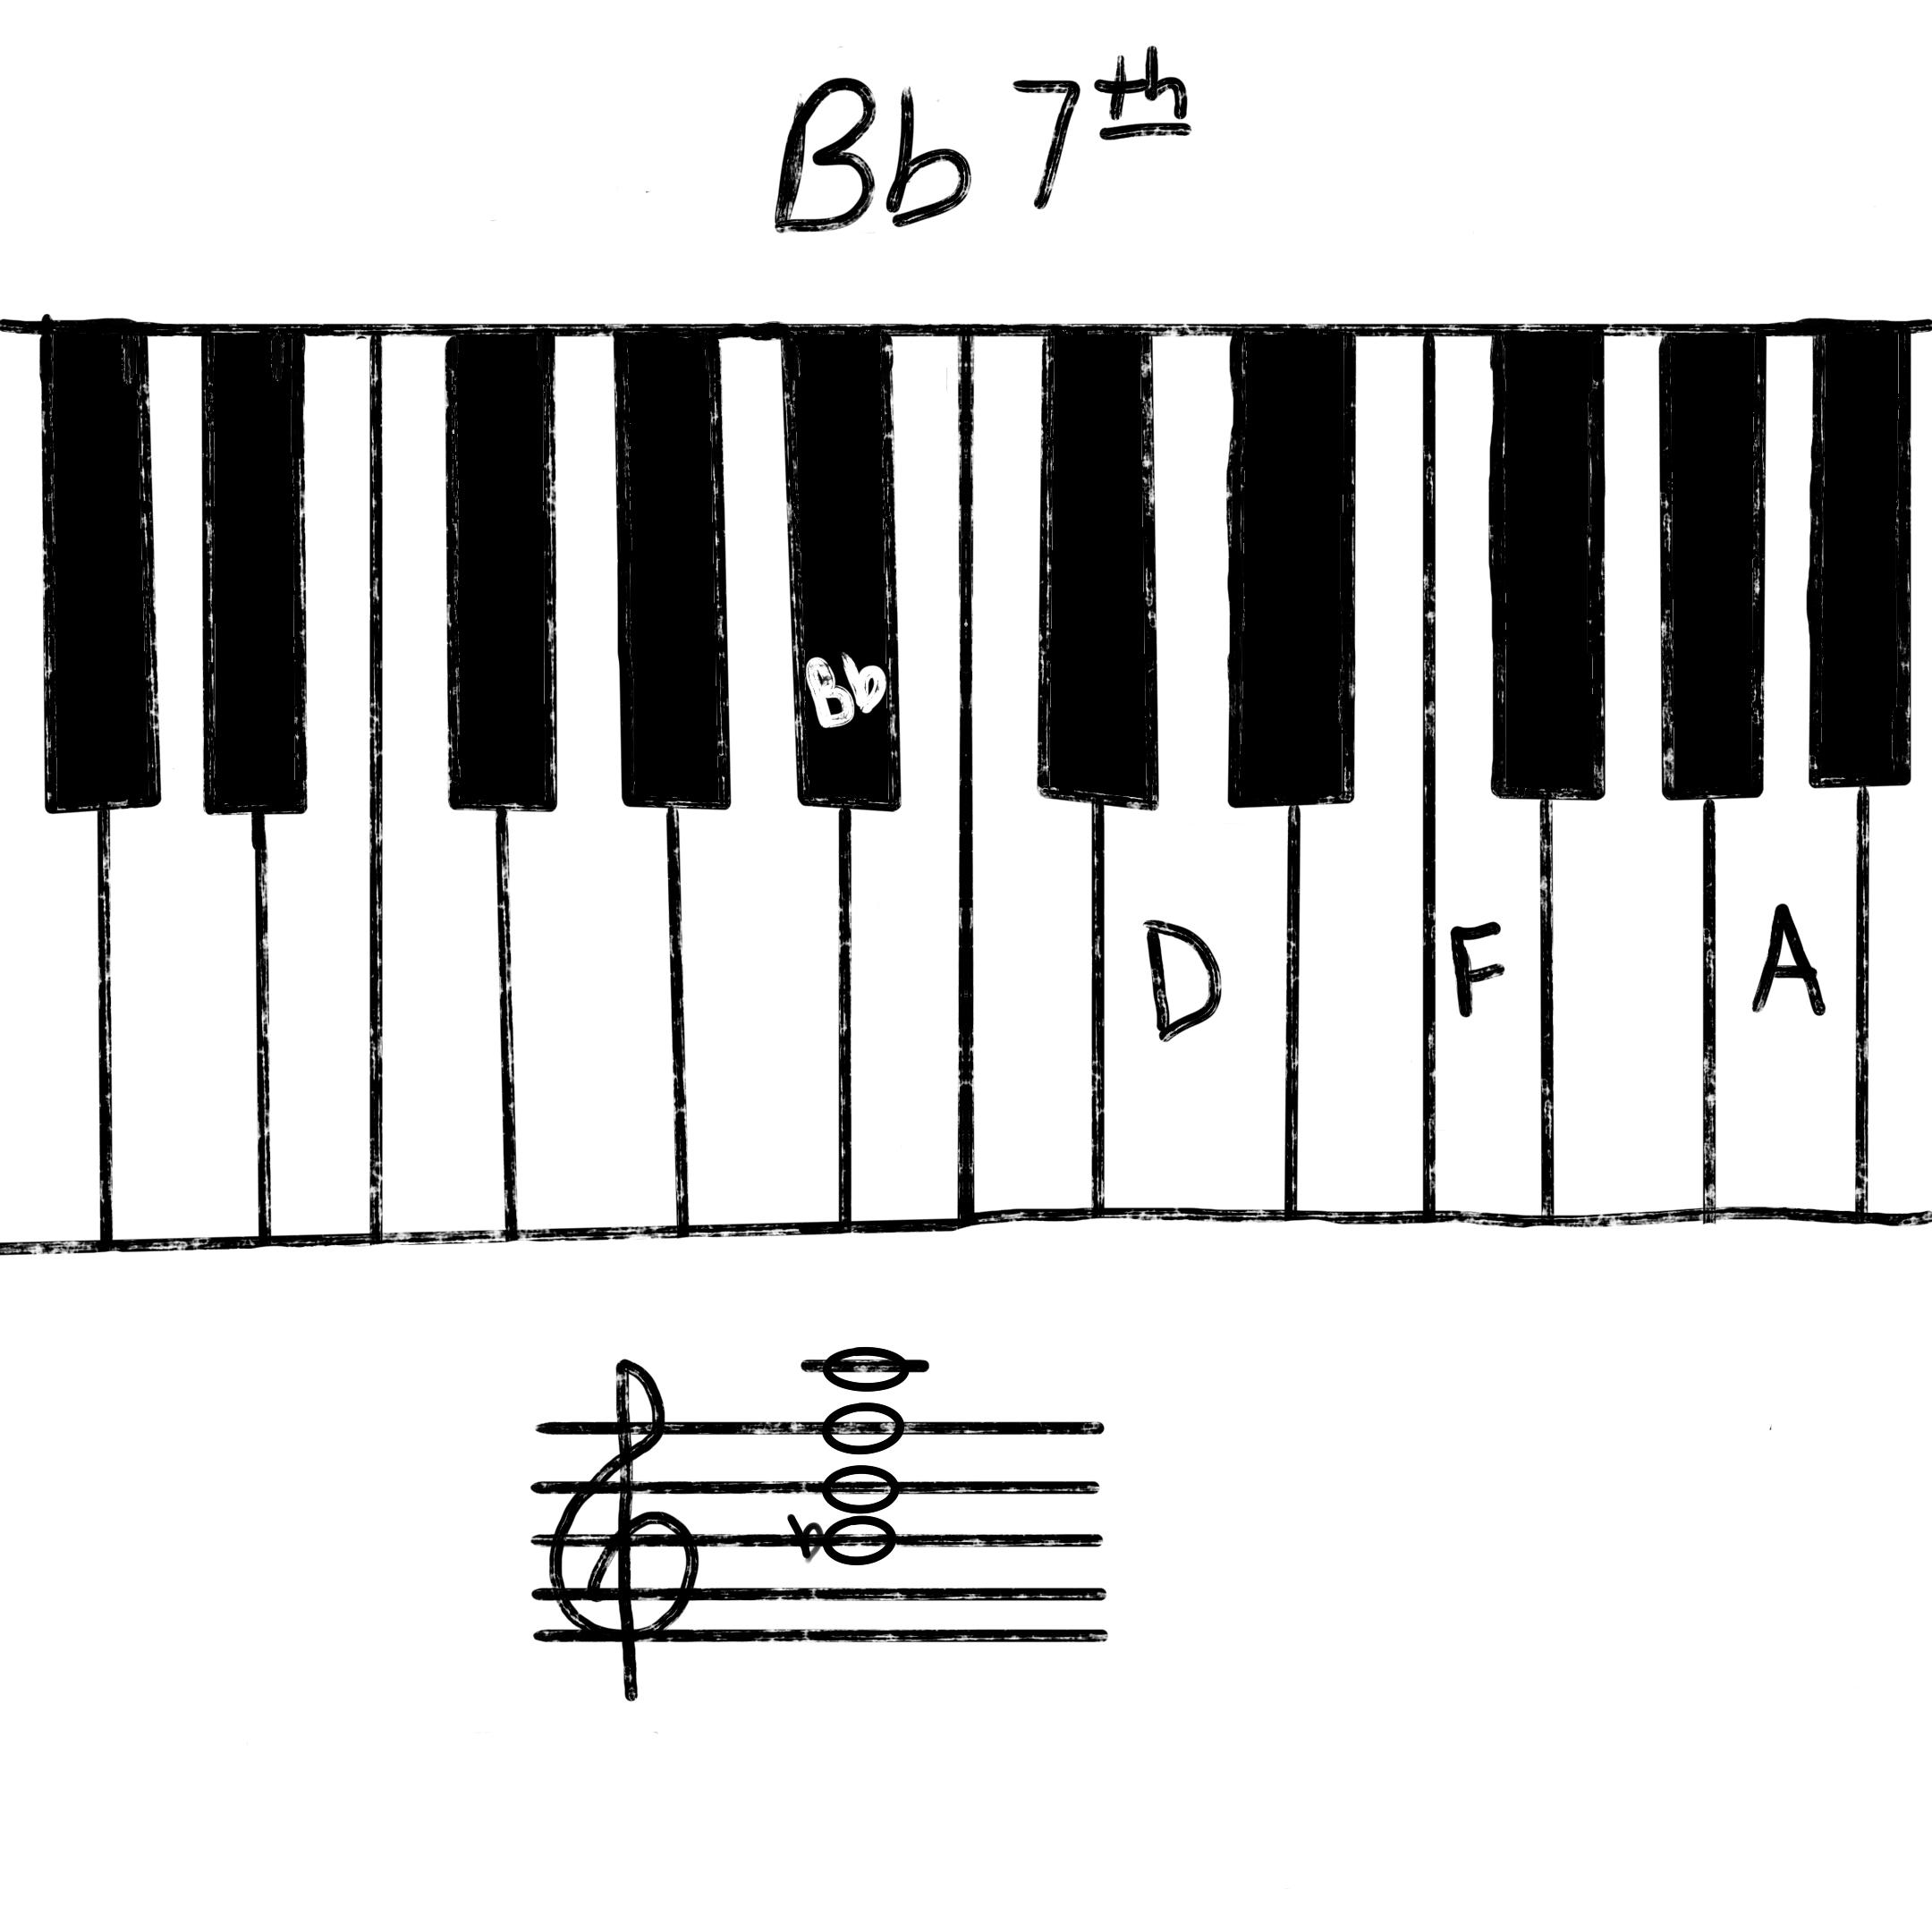 Bb7 chord